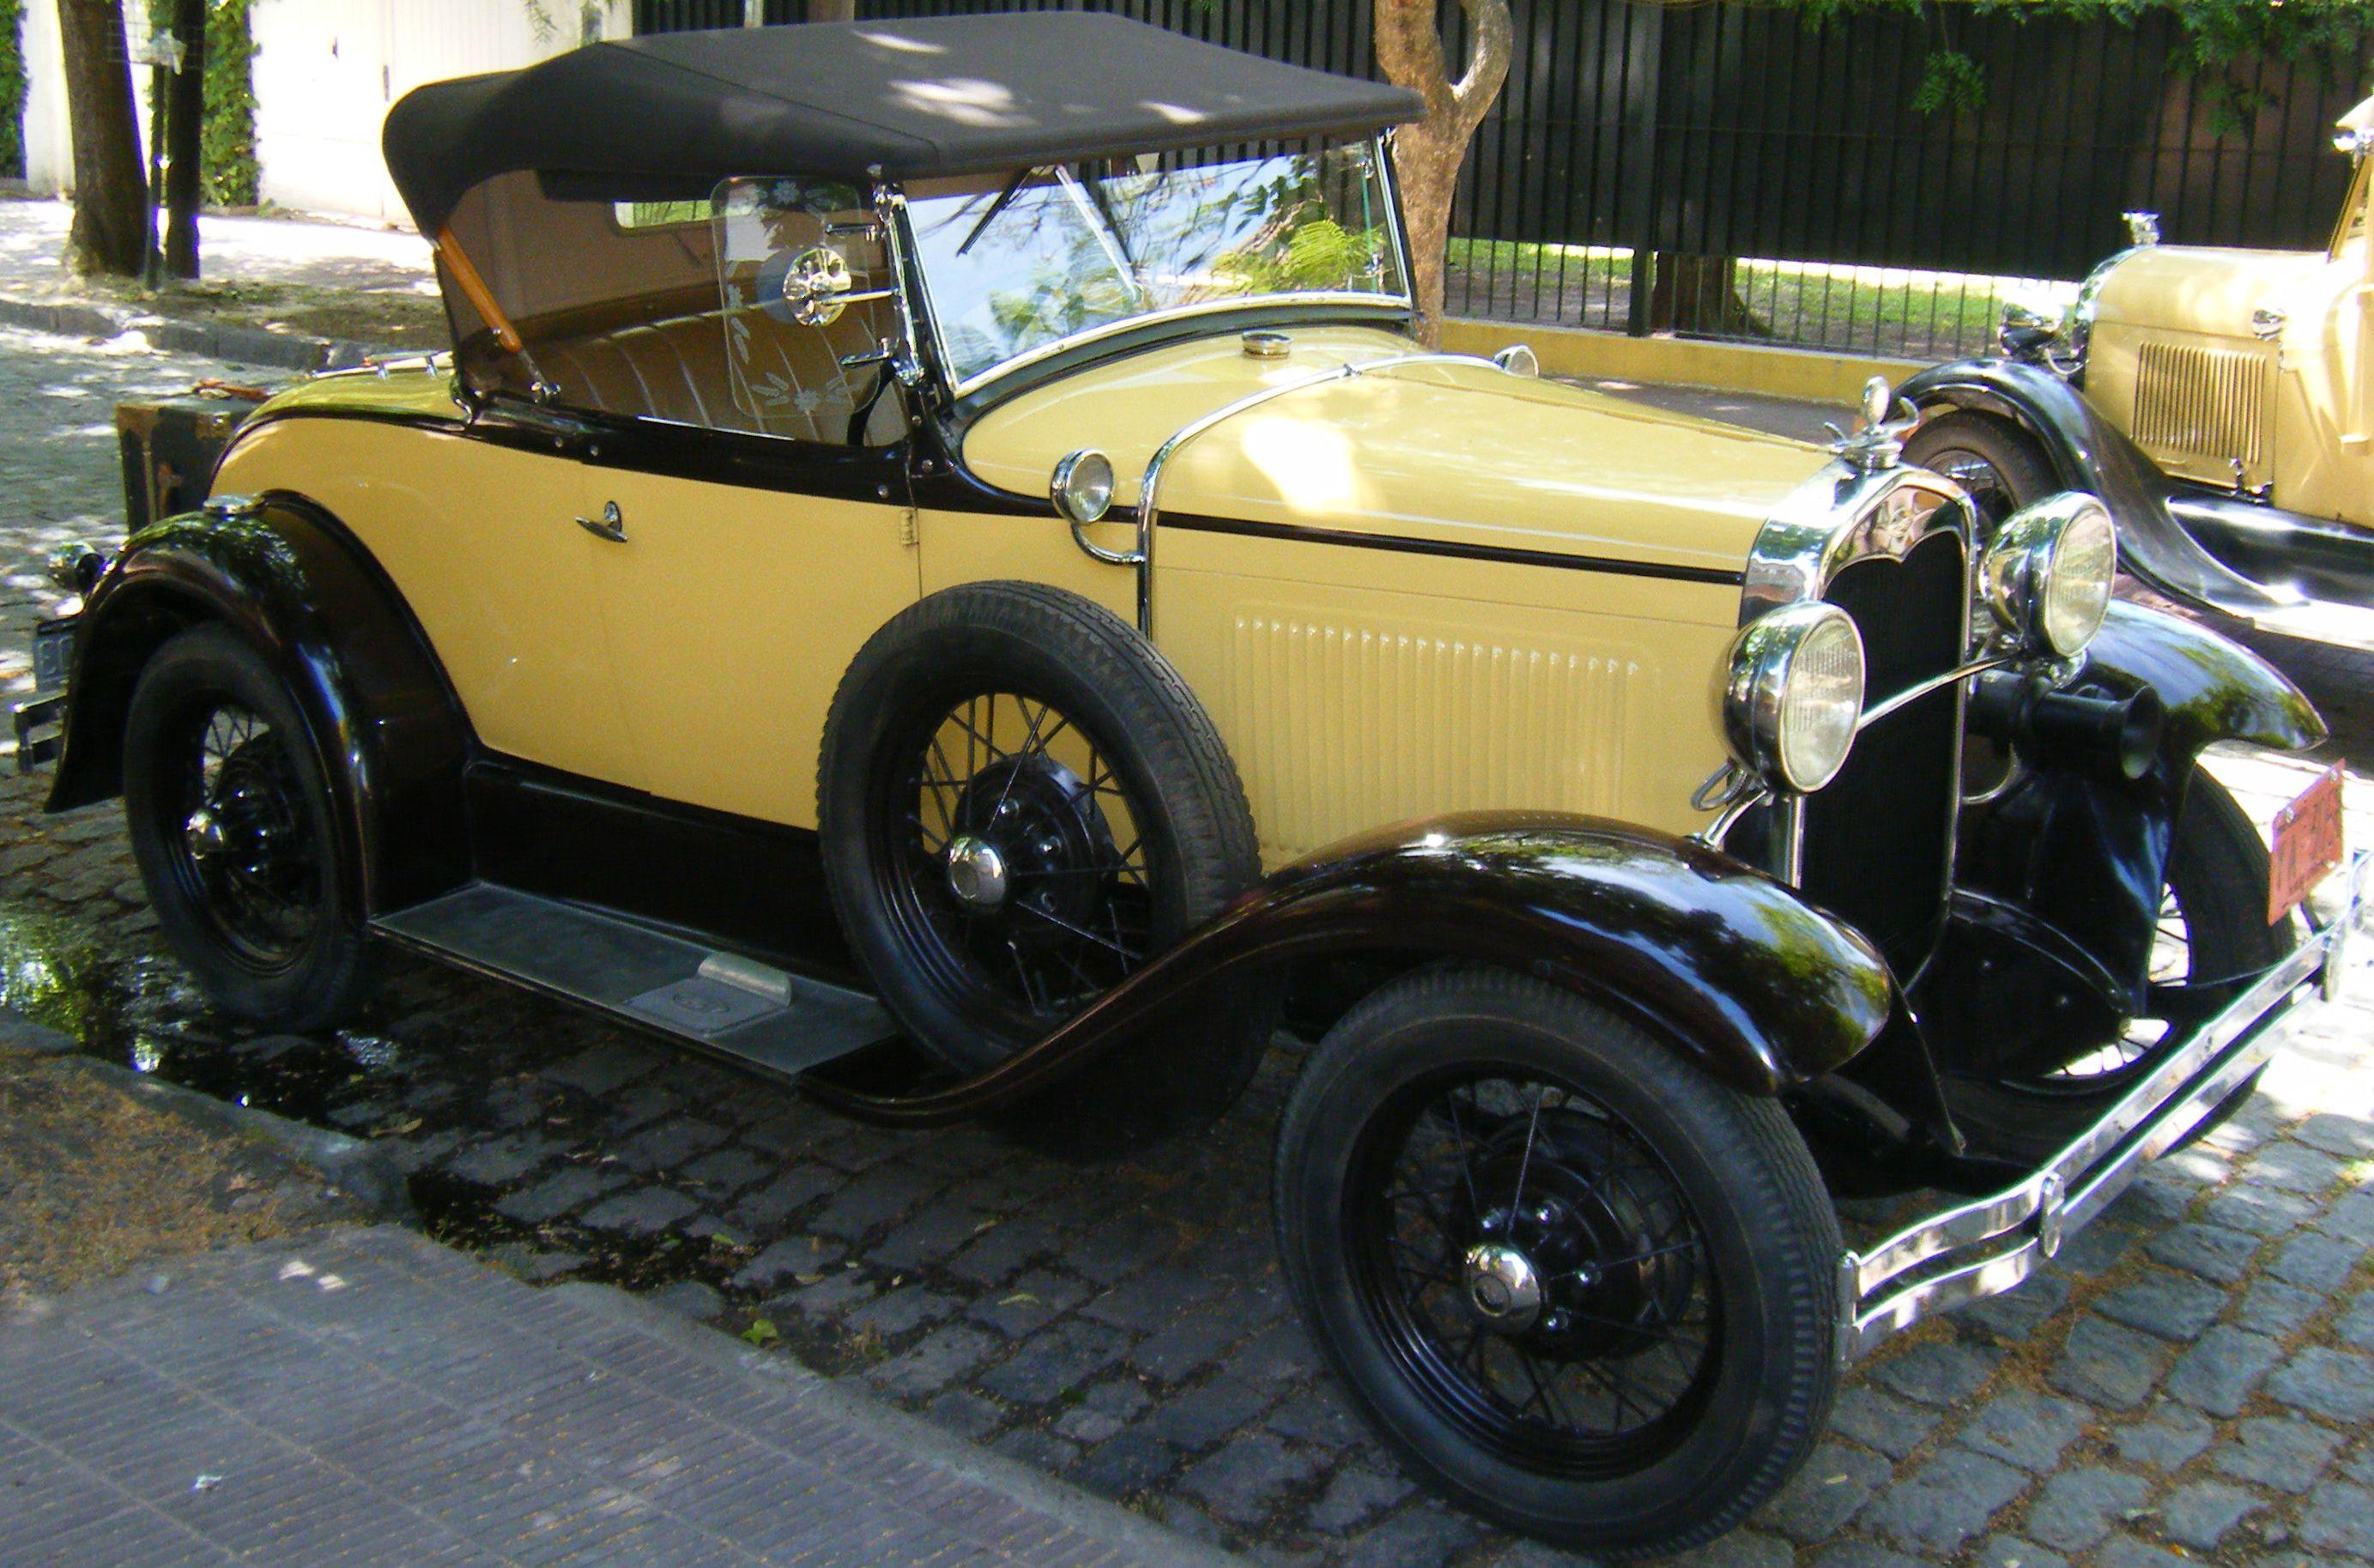 Excelentes Imágenes Y Fotos De Autos Para Fondos De: Excelente Ford Voiture 1931 Restaurada A Fondo (motor